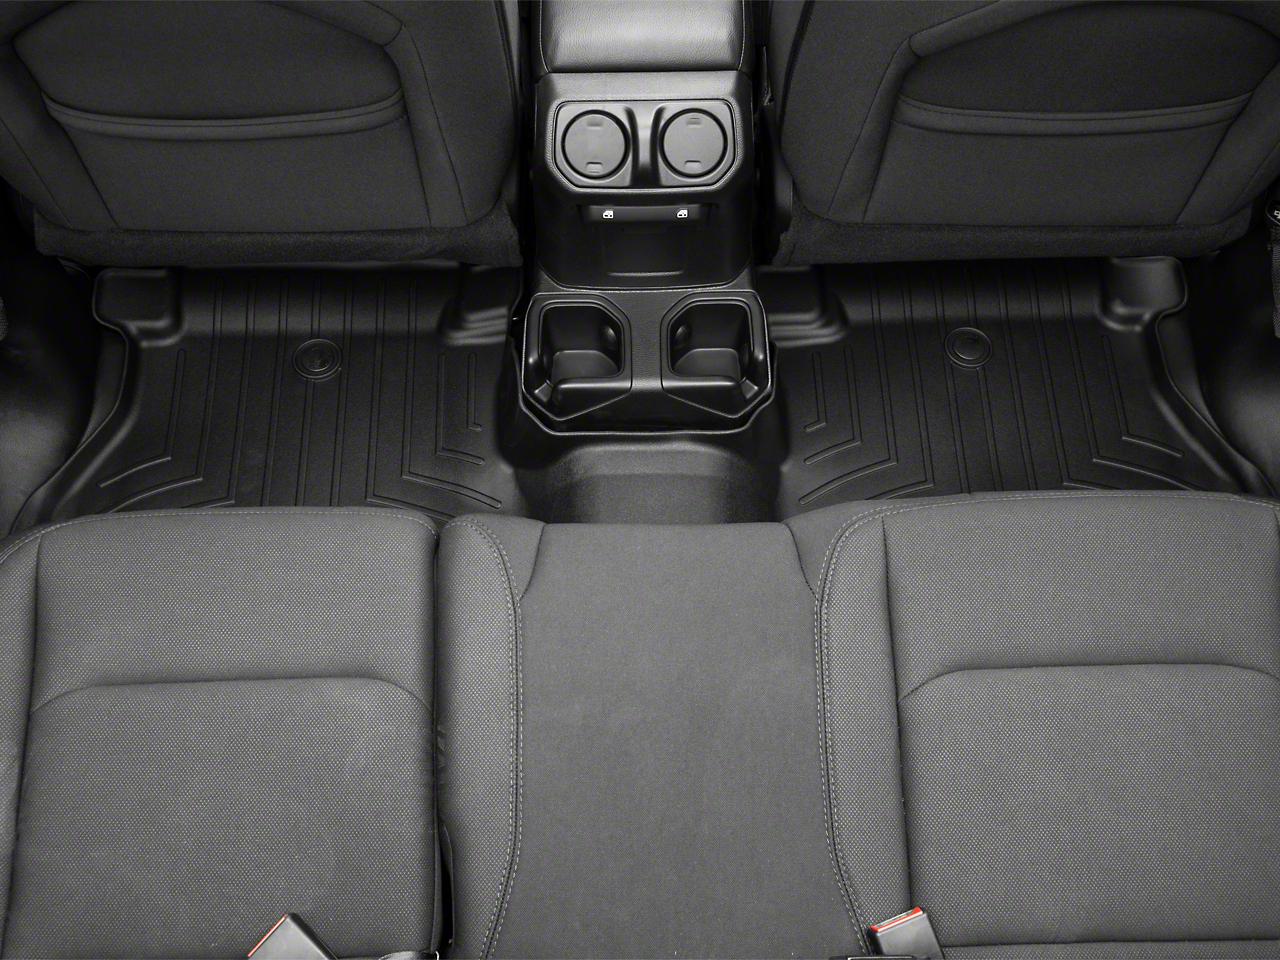 Weathertech DigitalFit Rear Floor Liners - Black (2018 Jeep Wrangler JL 4 Door)